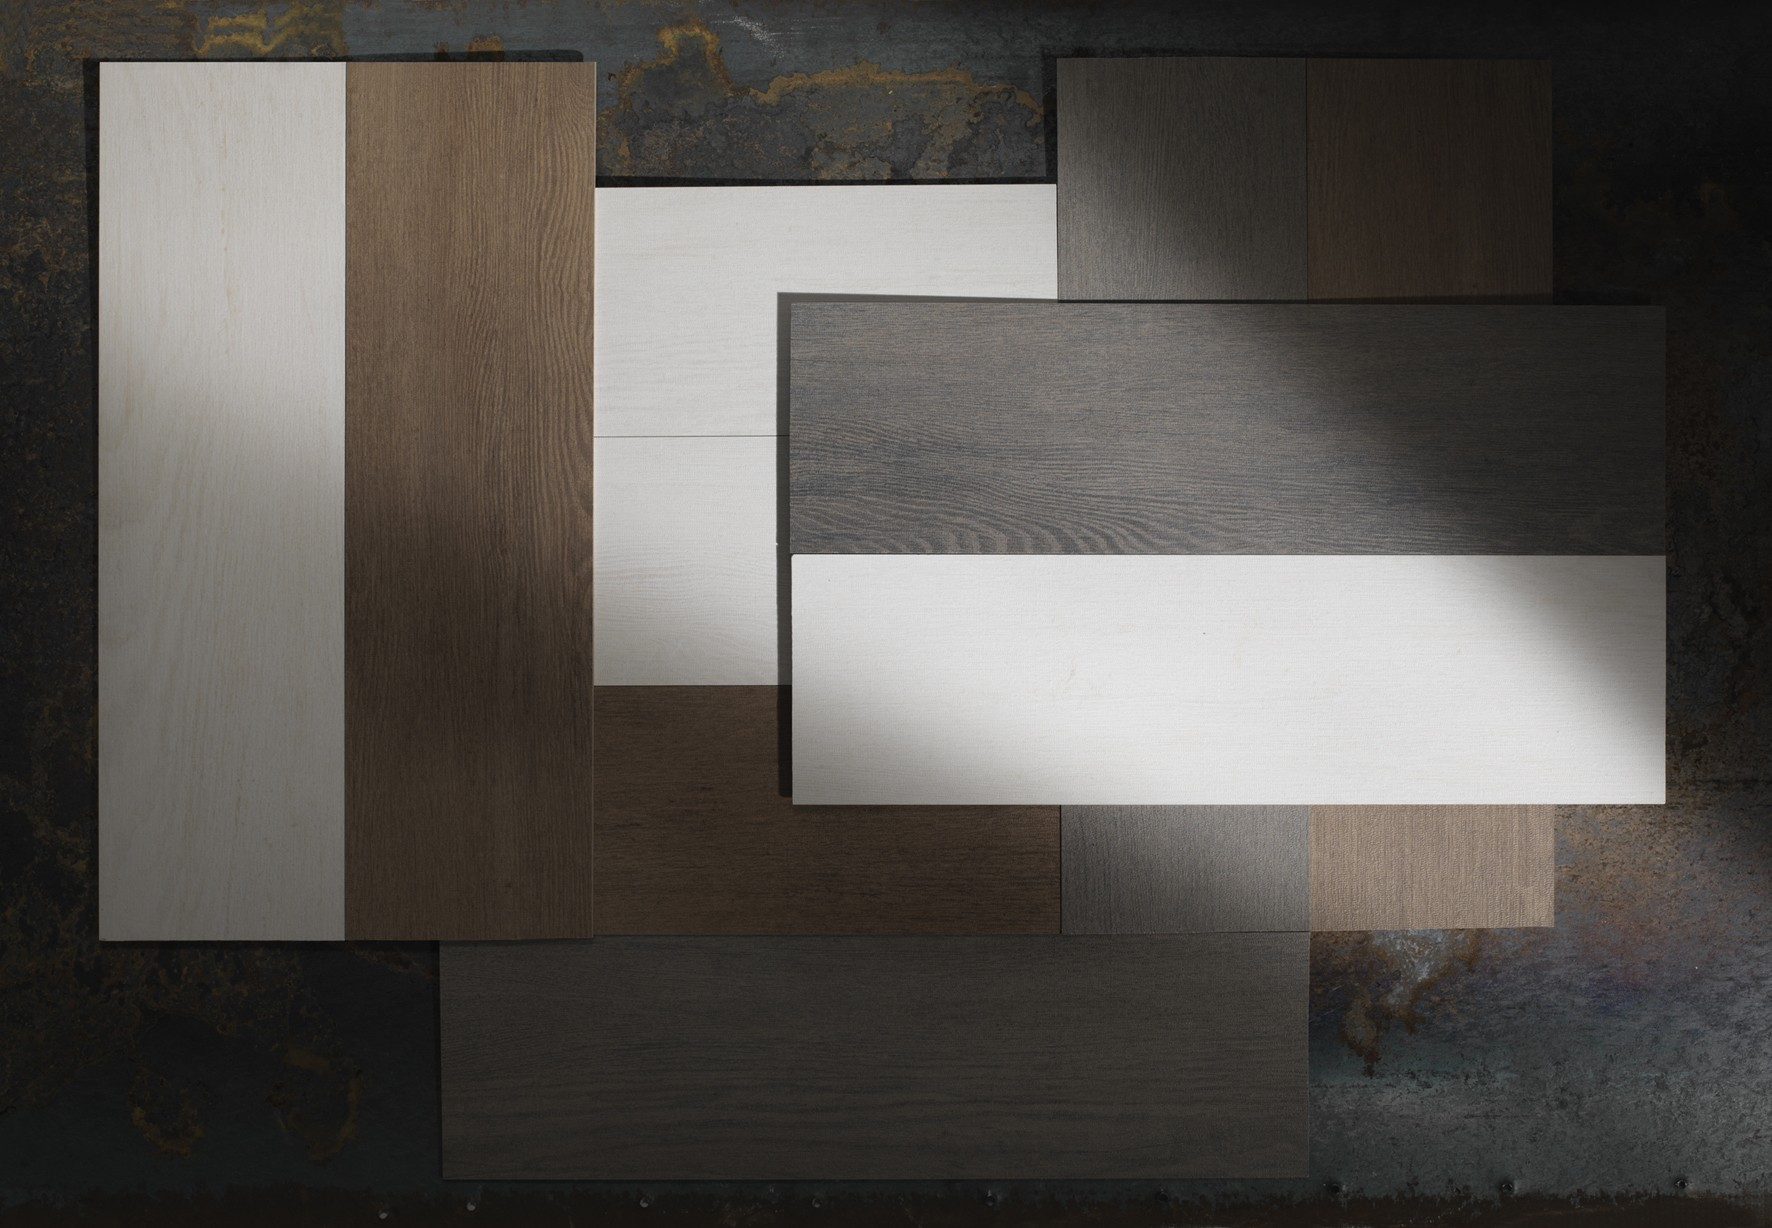 porzellankeramik fliesen und platten keramische bel ge baunetz wissen. Black Bedroom Furniture Sets. Home Design Ideas